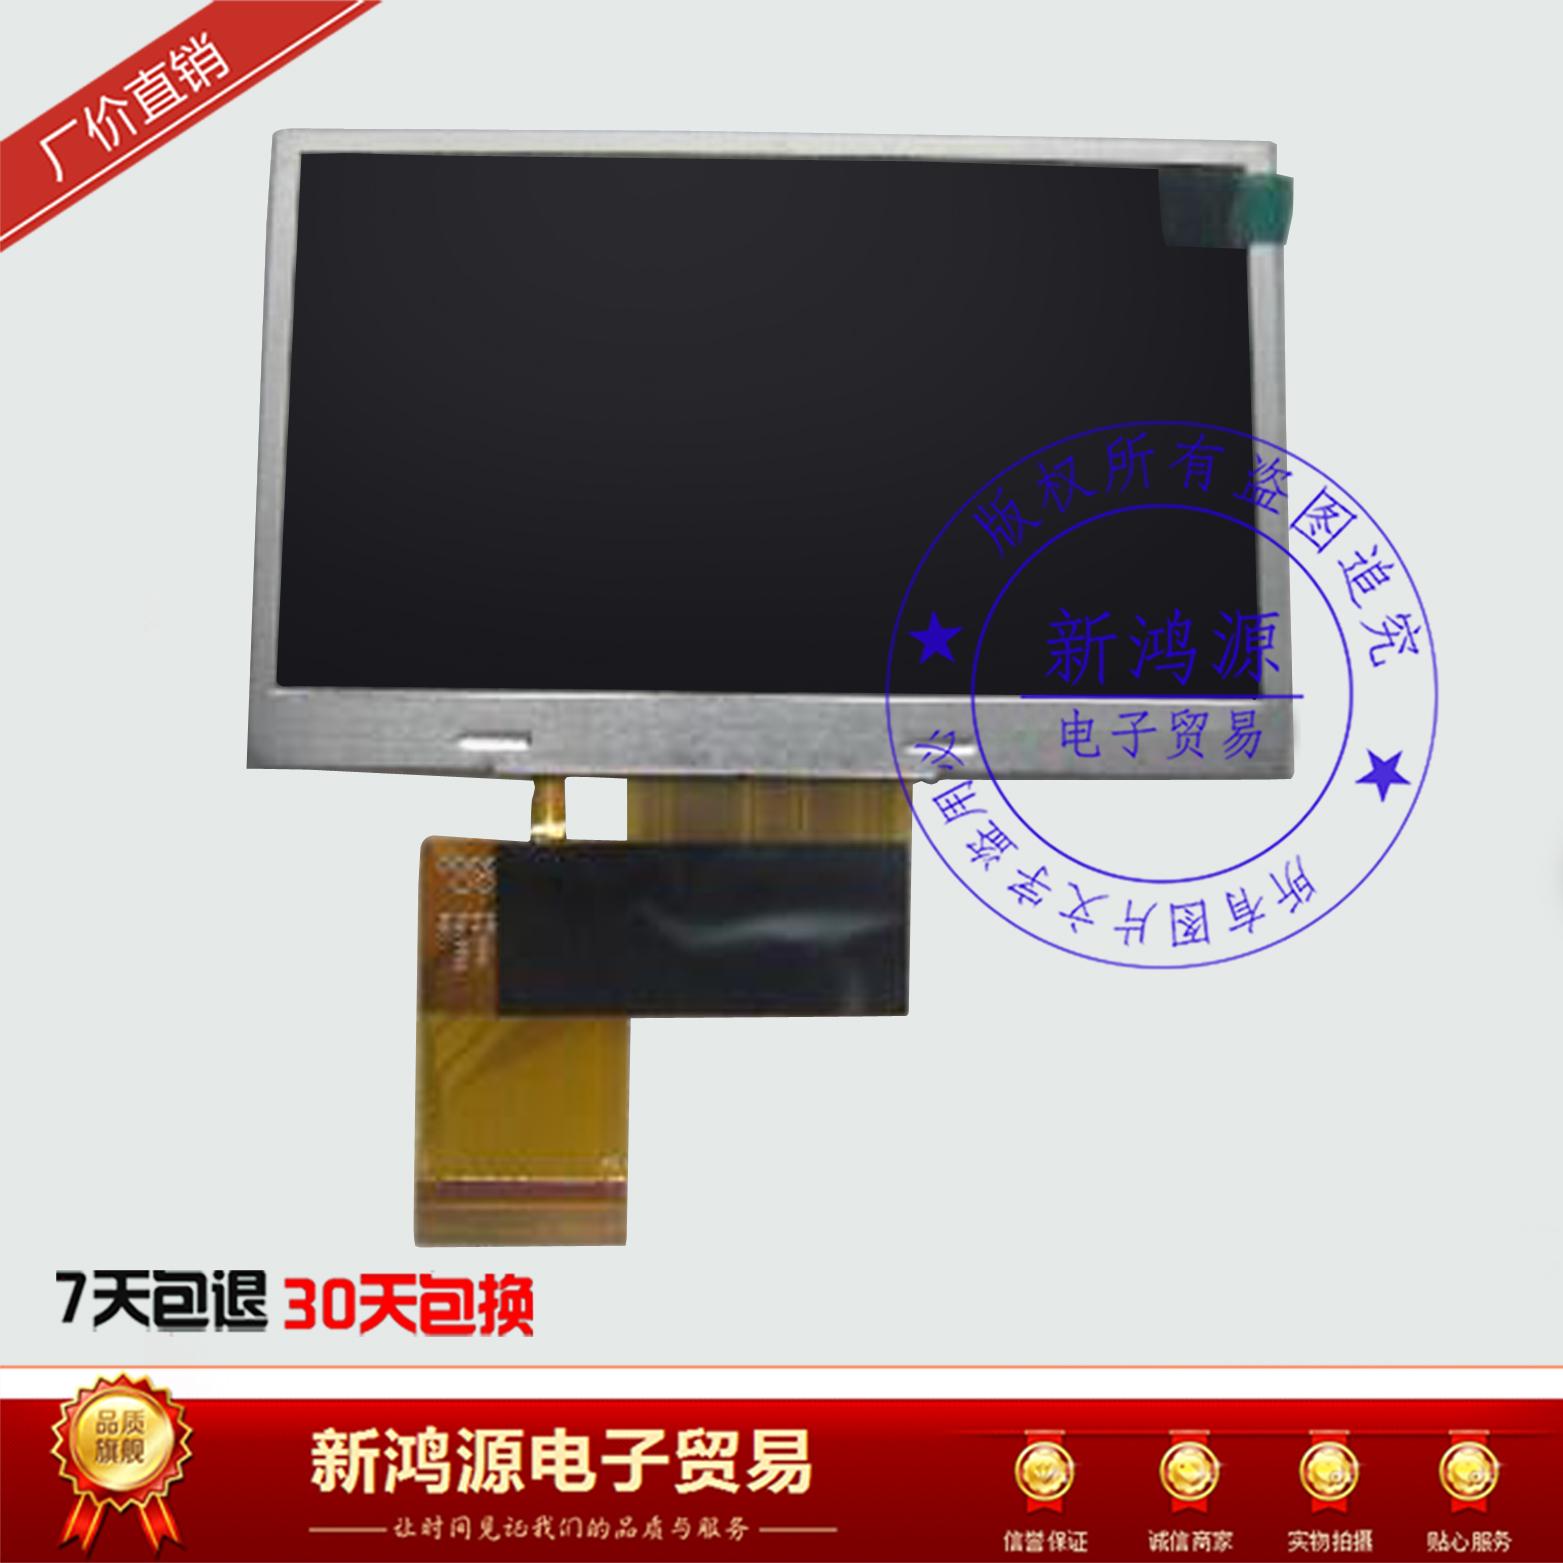 天马4.3寸屏TM043NDH02 05 16:9 40P液晶屏